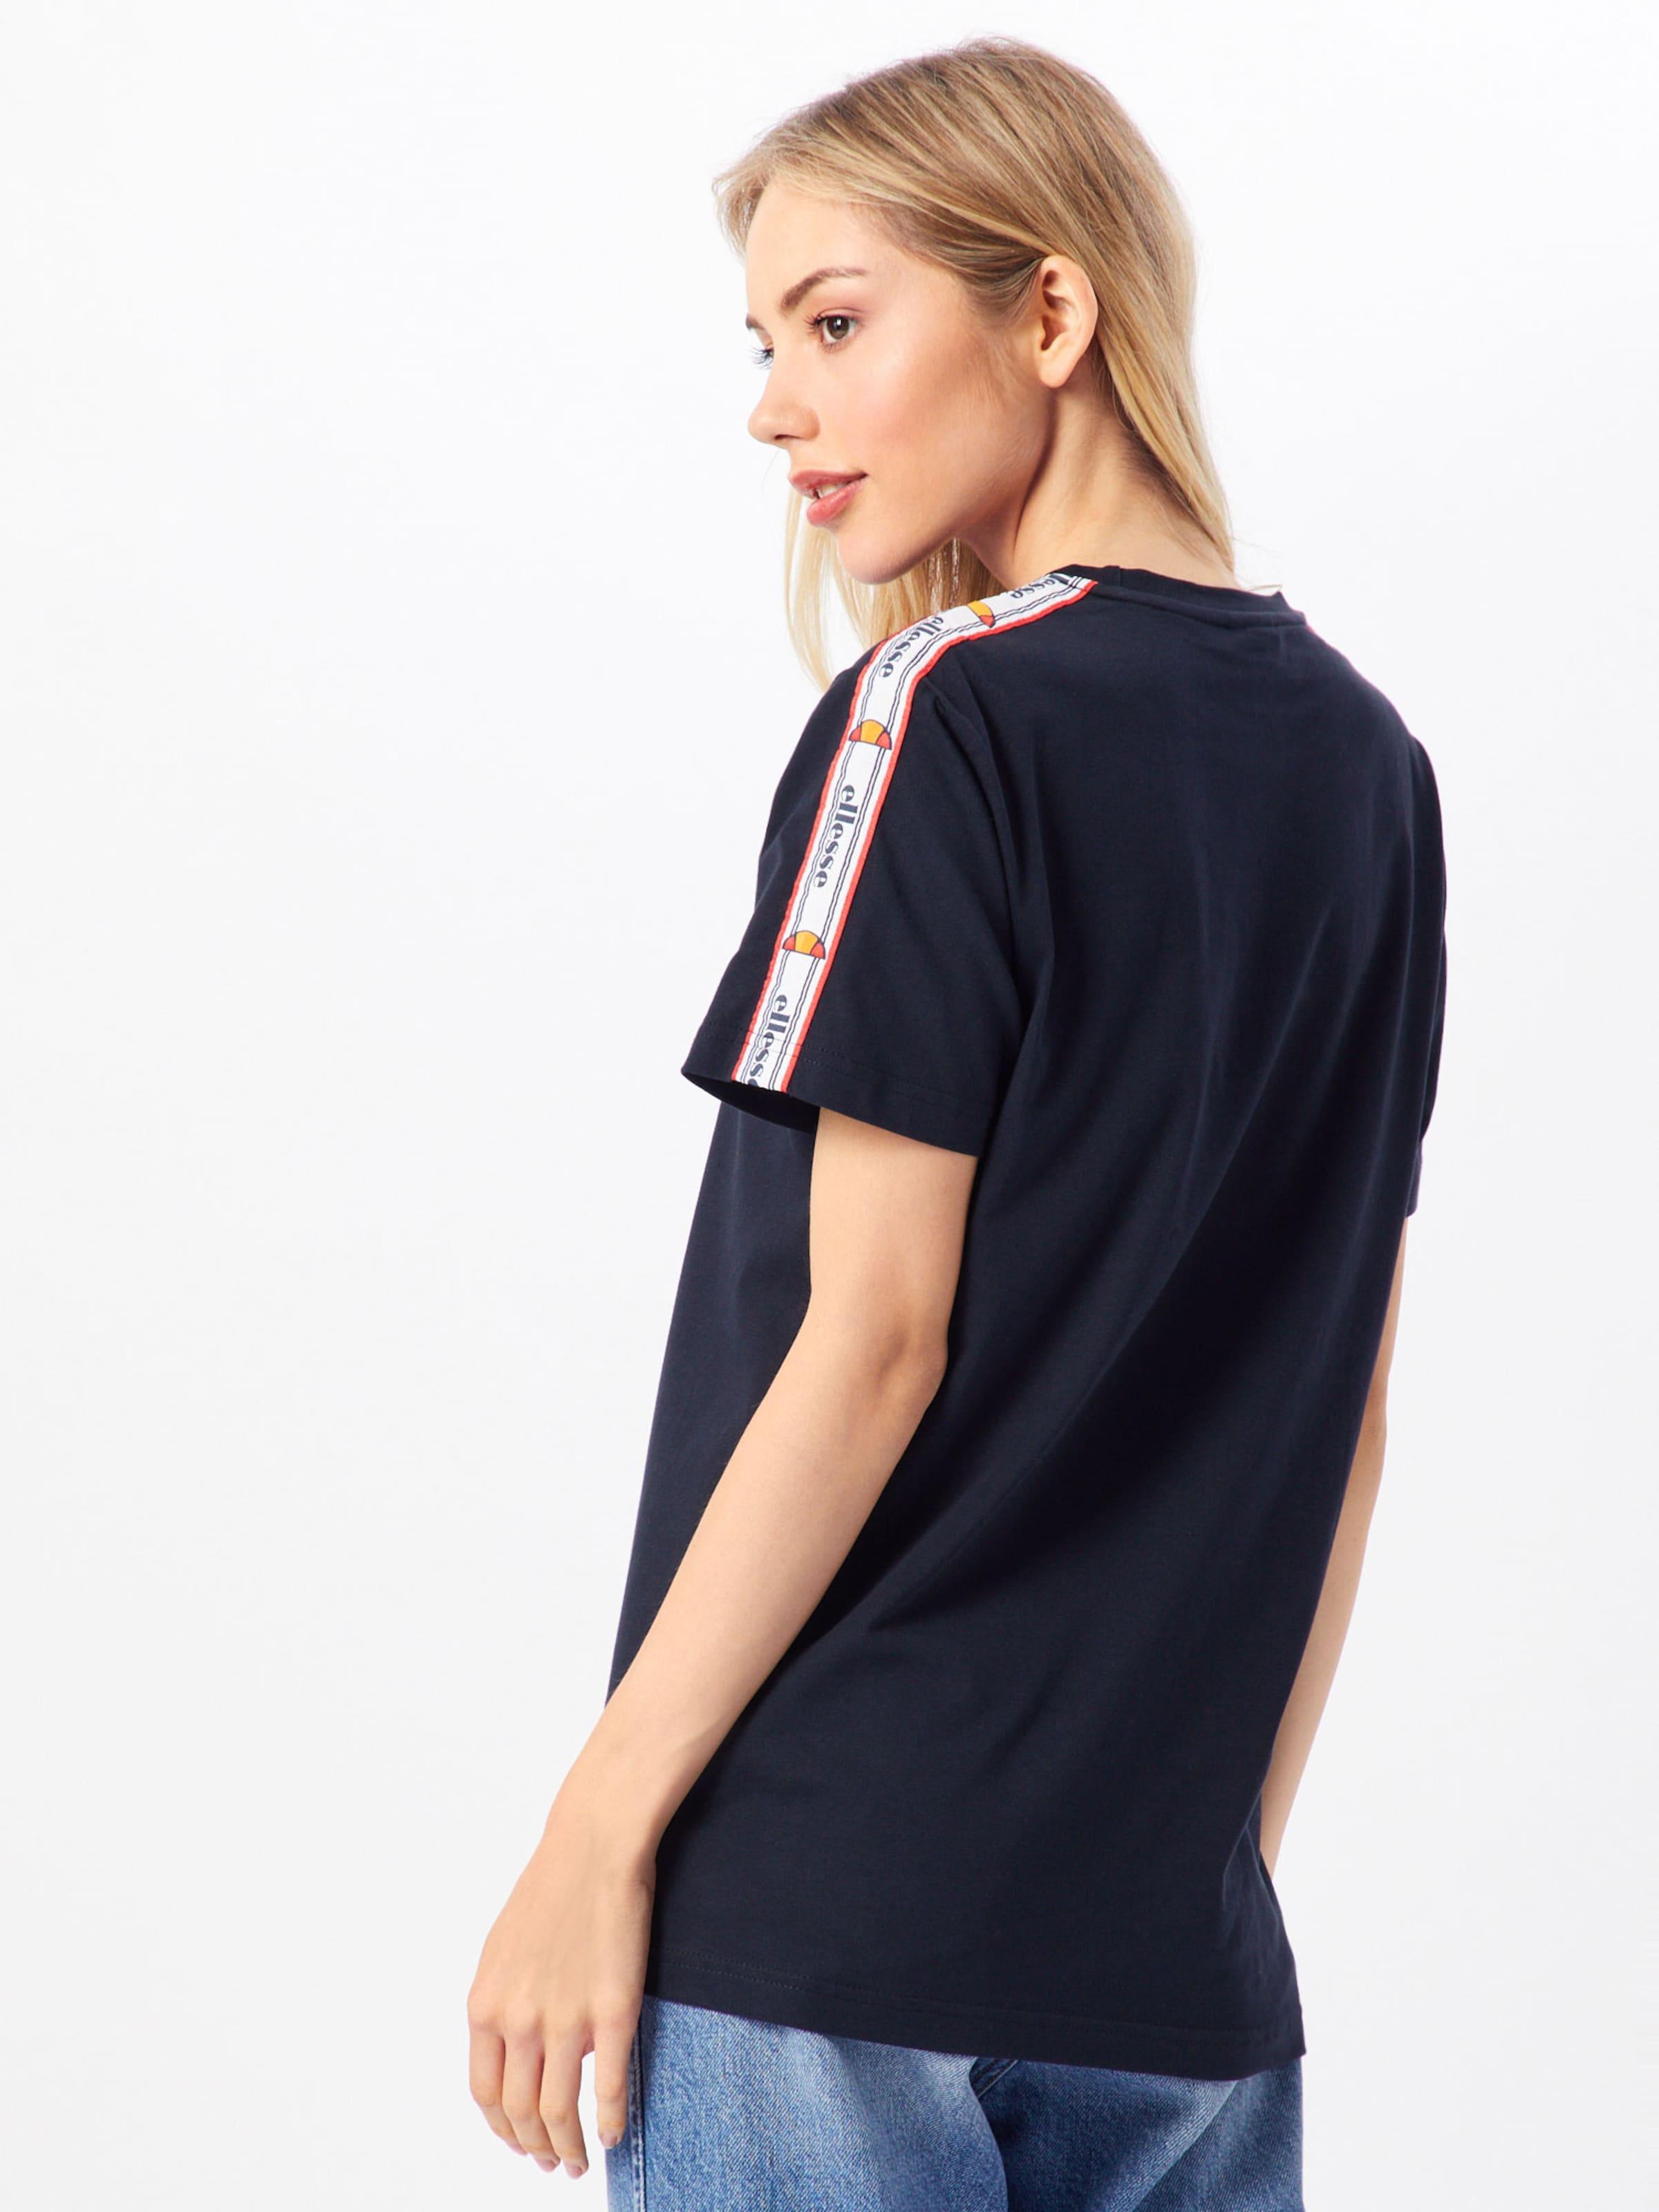 Schwarz Ellesse Shirt In 'antalya' Schwarz Ellesse Ellesse Shirt 'antalya' Shirt In LpSUGjqzMV